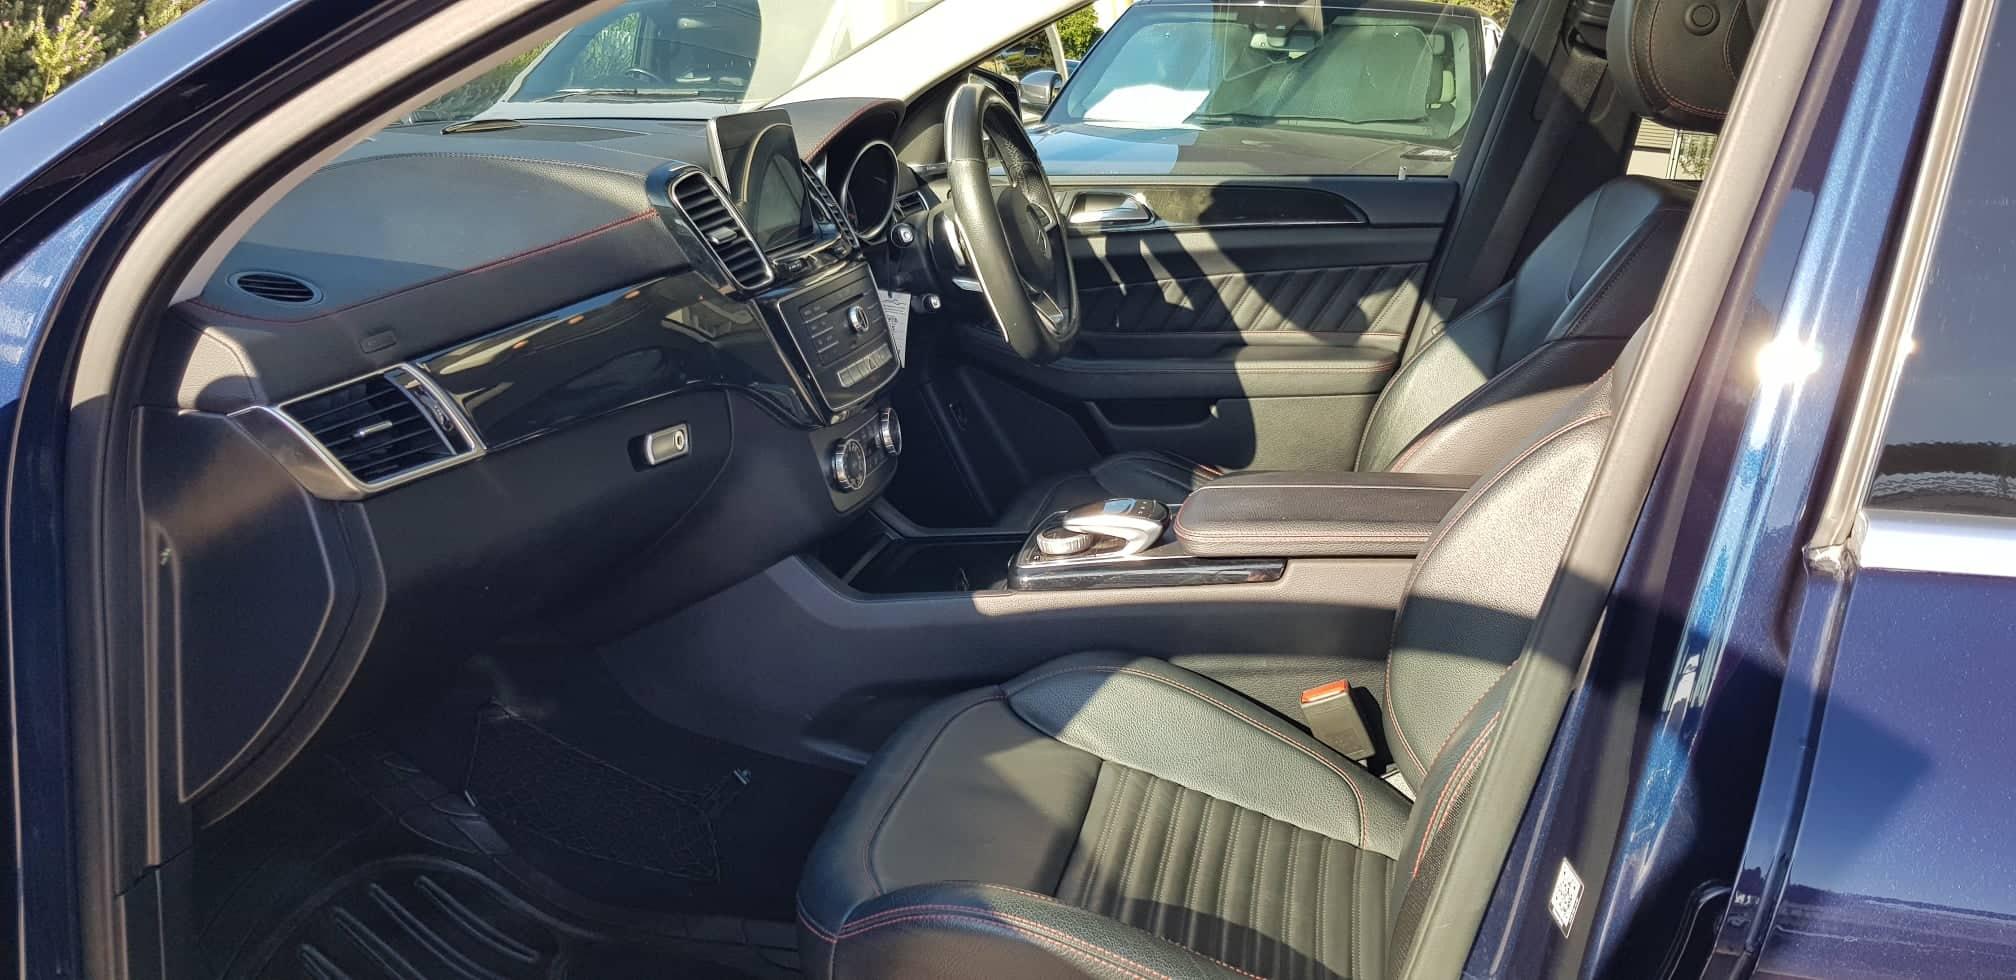 Mercedes GLE 350D AMG 4 MATIC